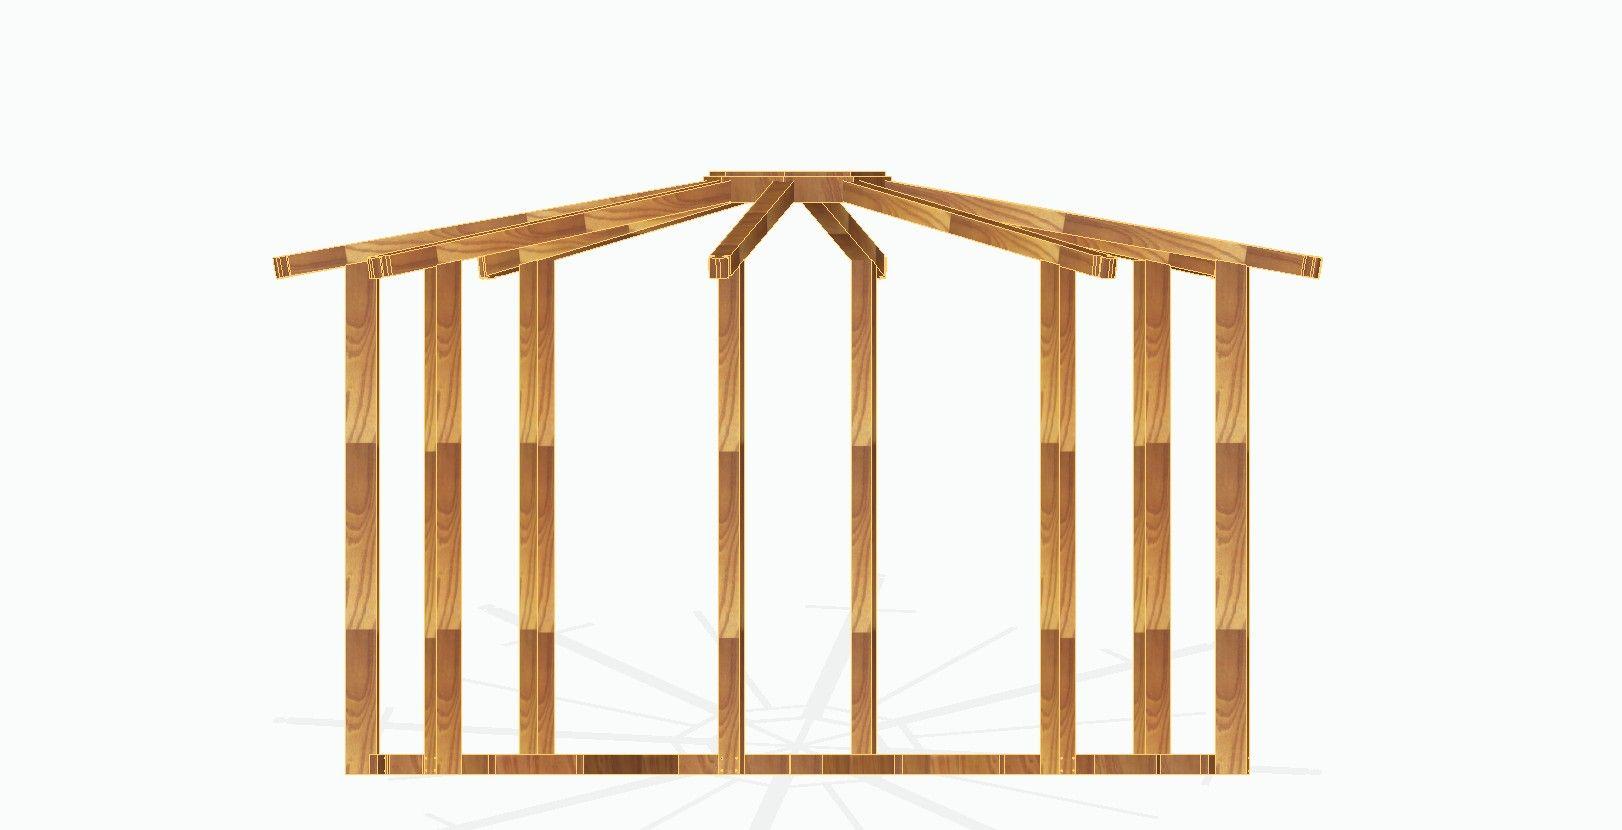 Kiosco octogonal con tejado a 16 aguas de madera kiosco for Tejados de madera a 4 aguas